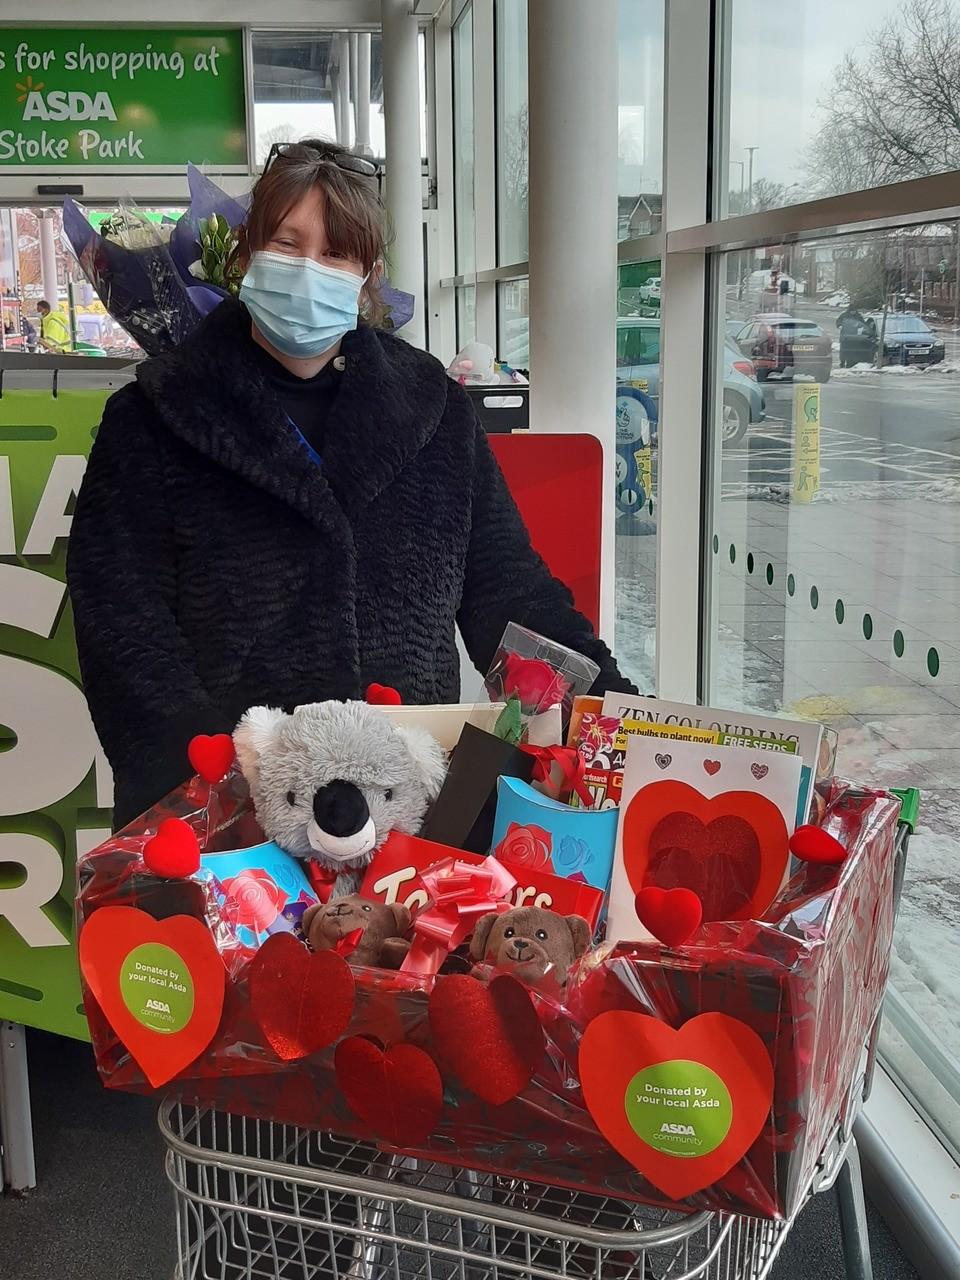 Valentine's Day gifts | Asda Ipswich Stoke Park